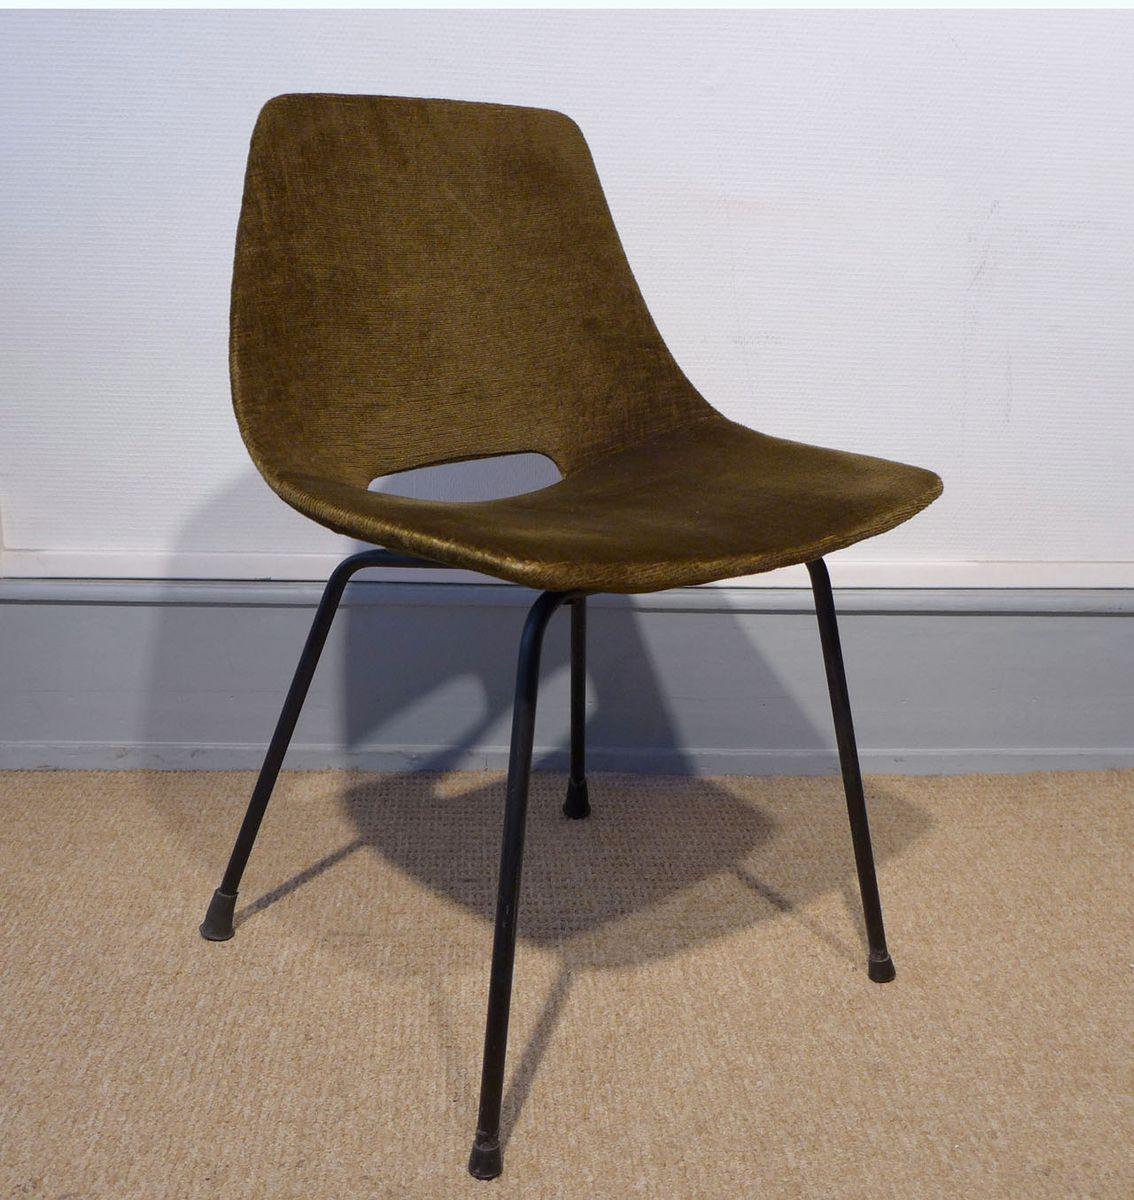 chaises tonneau par pierre guariche pour steiner set de 4 en vente sur pamono. Black Bedroom Furniture Sets. Home Design Ideas